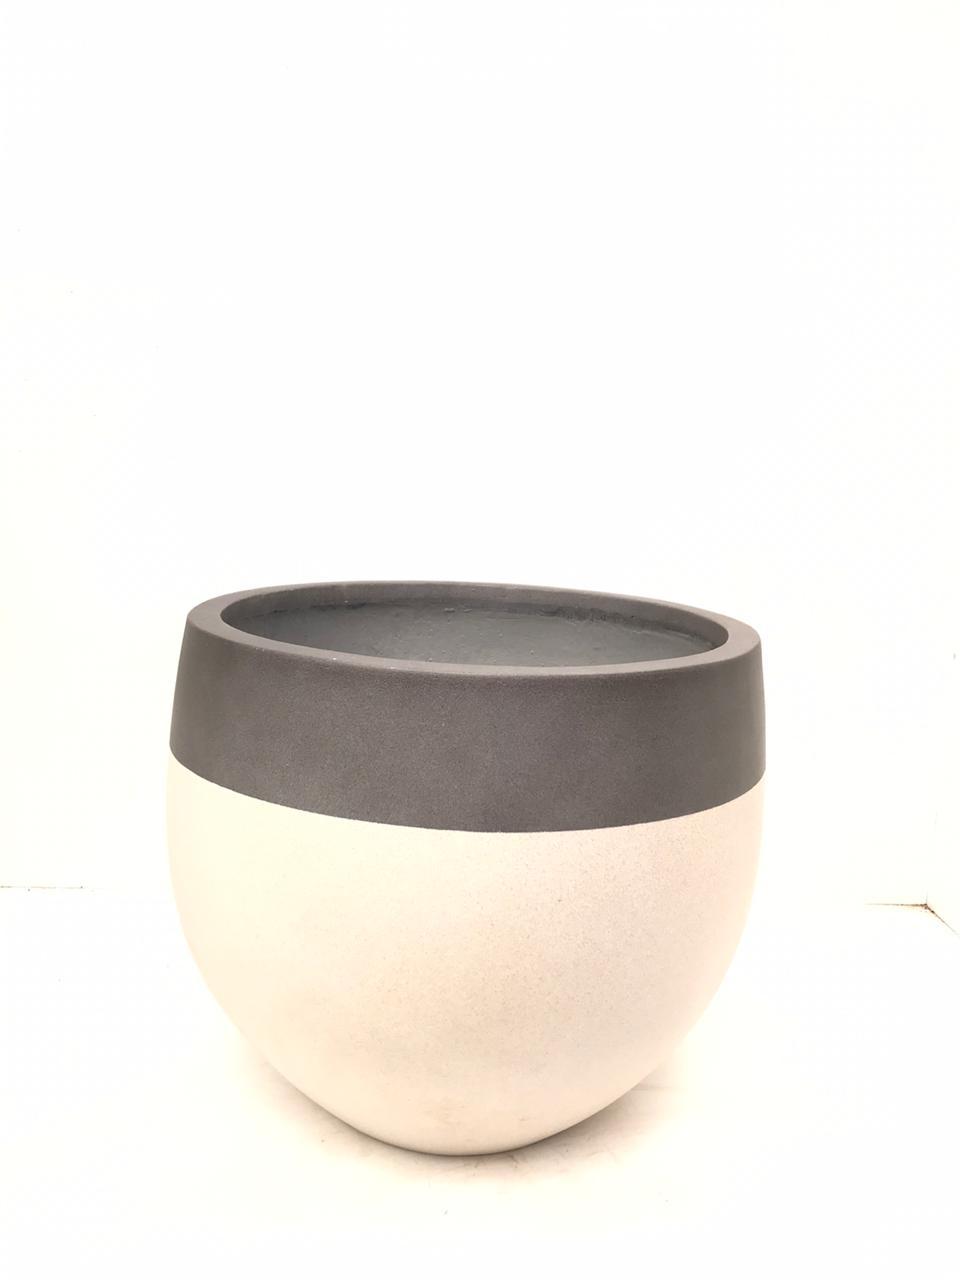 Round Three Quarters Cream Large Pots & Vases